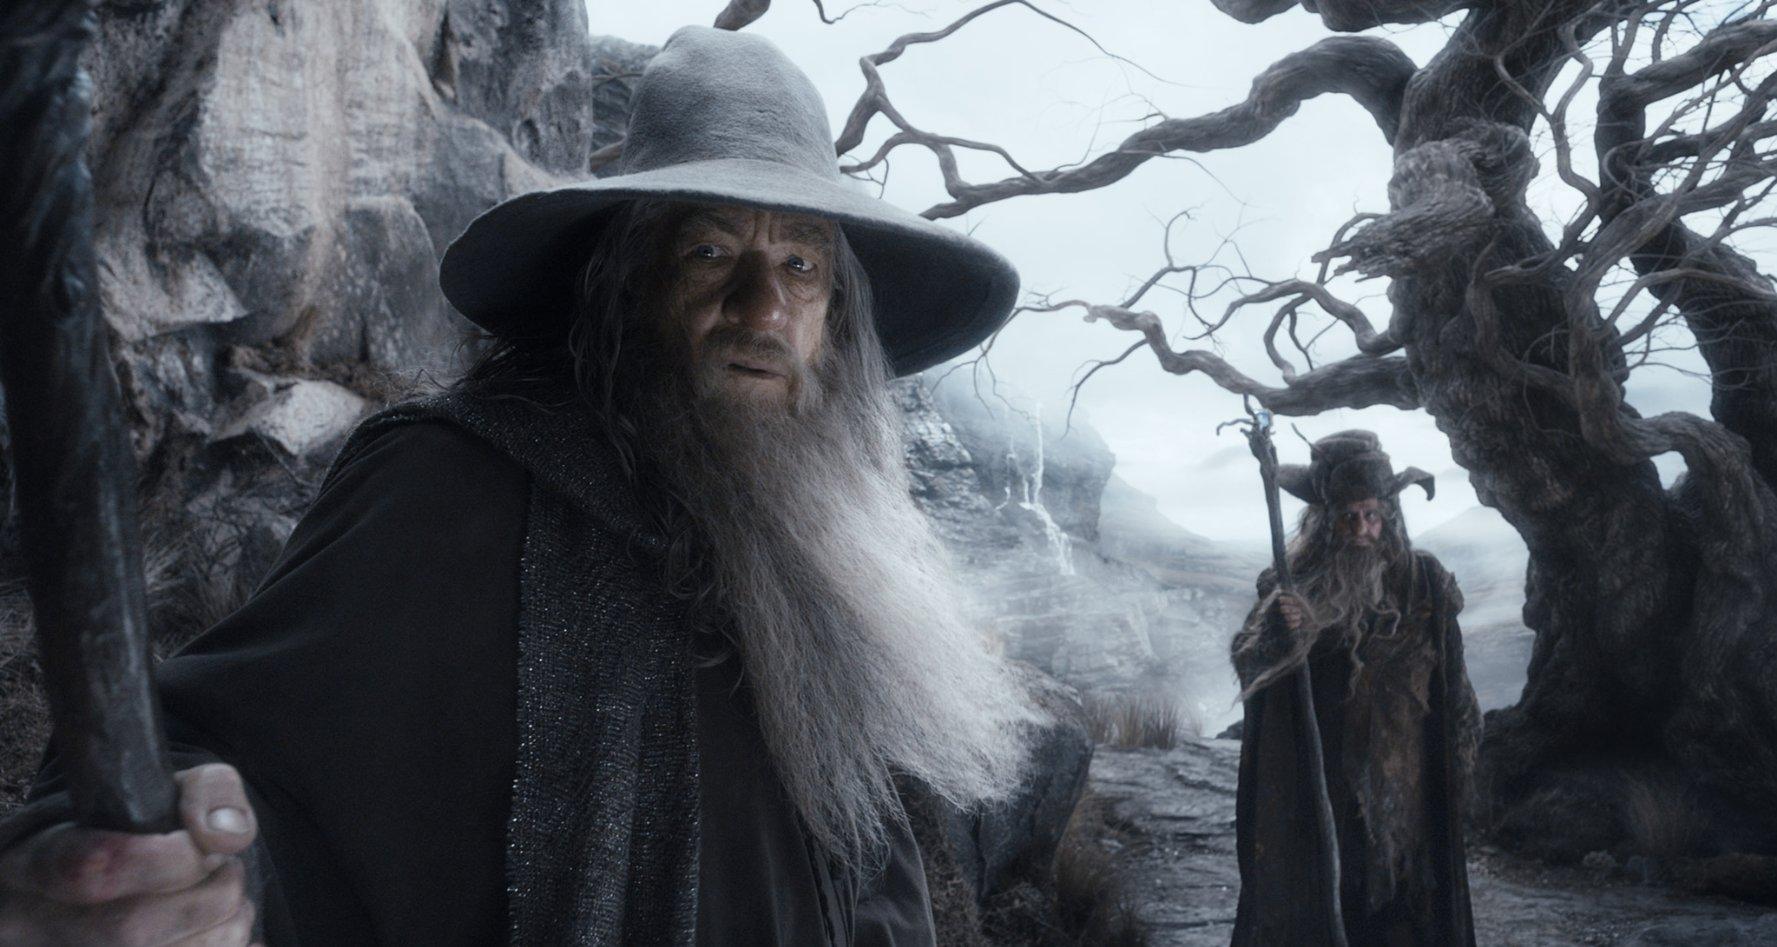 La nouvelle production de Peter Jackson se dévoile — Mortal Engines